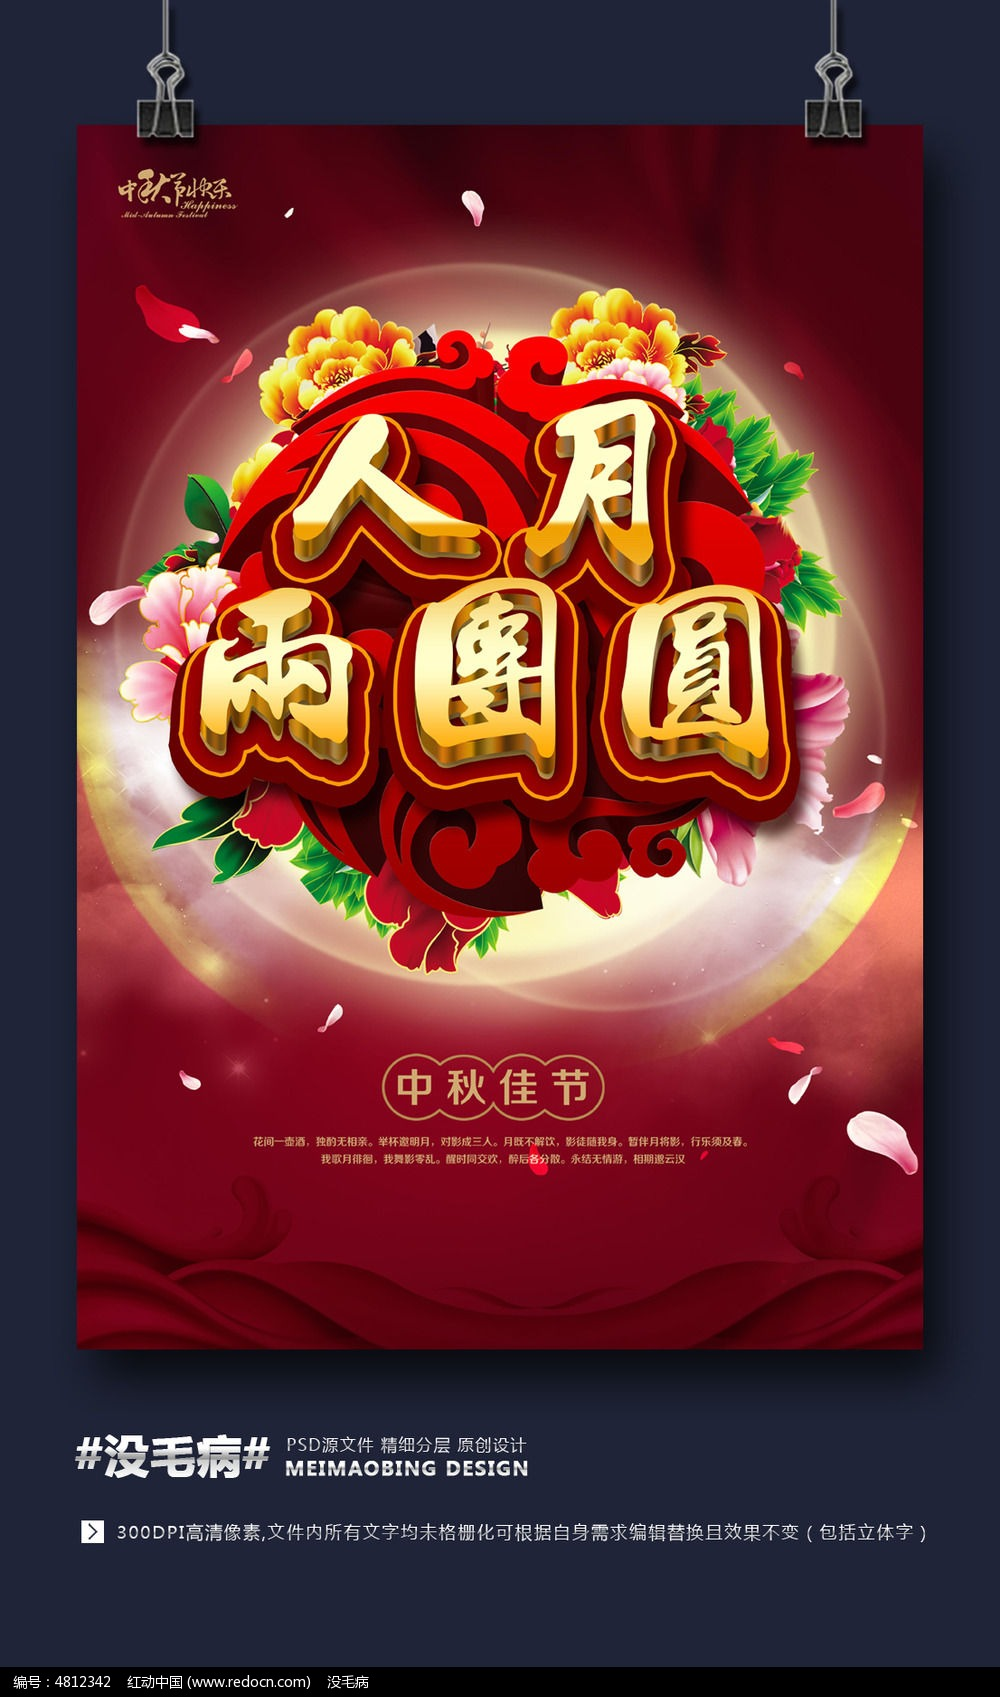 中秋佳节 人月团圆_人月两团圆中秋节活动海报_红动网